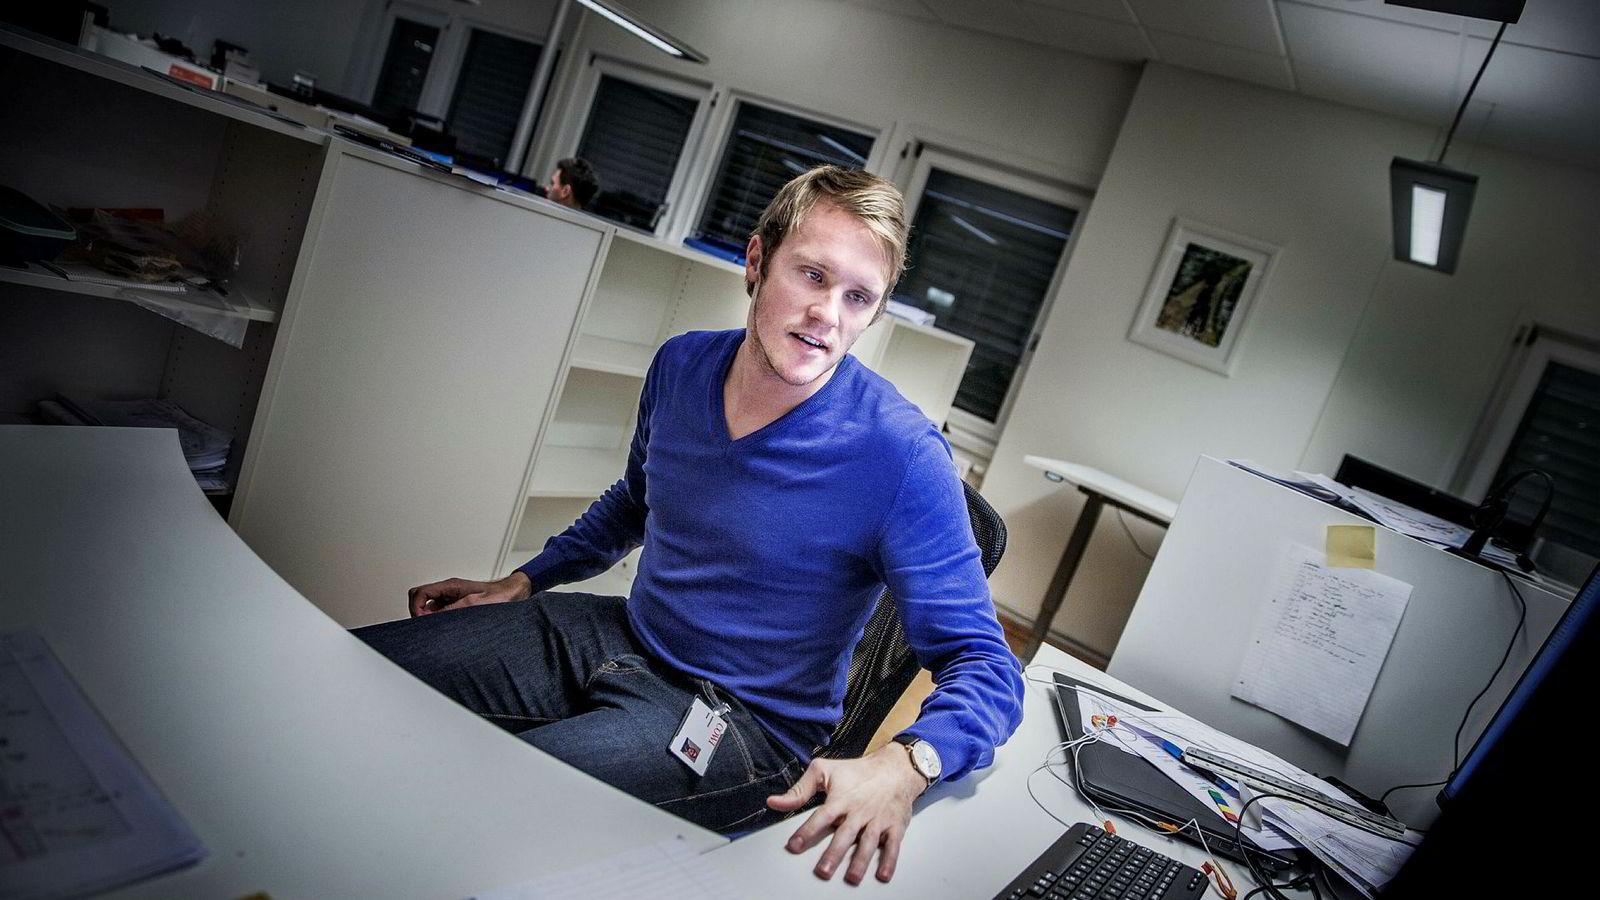 Sivilingeniør Simon Utseth Sandvåg (26) fikk merke det vanskelige arbeidsmarkedet da han var ferdig utdannet på NTNU i fjor, men fikk jobb i Cowi etter å ha tatt noen ekstra fag.